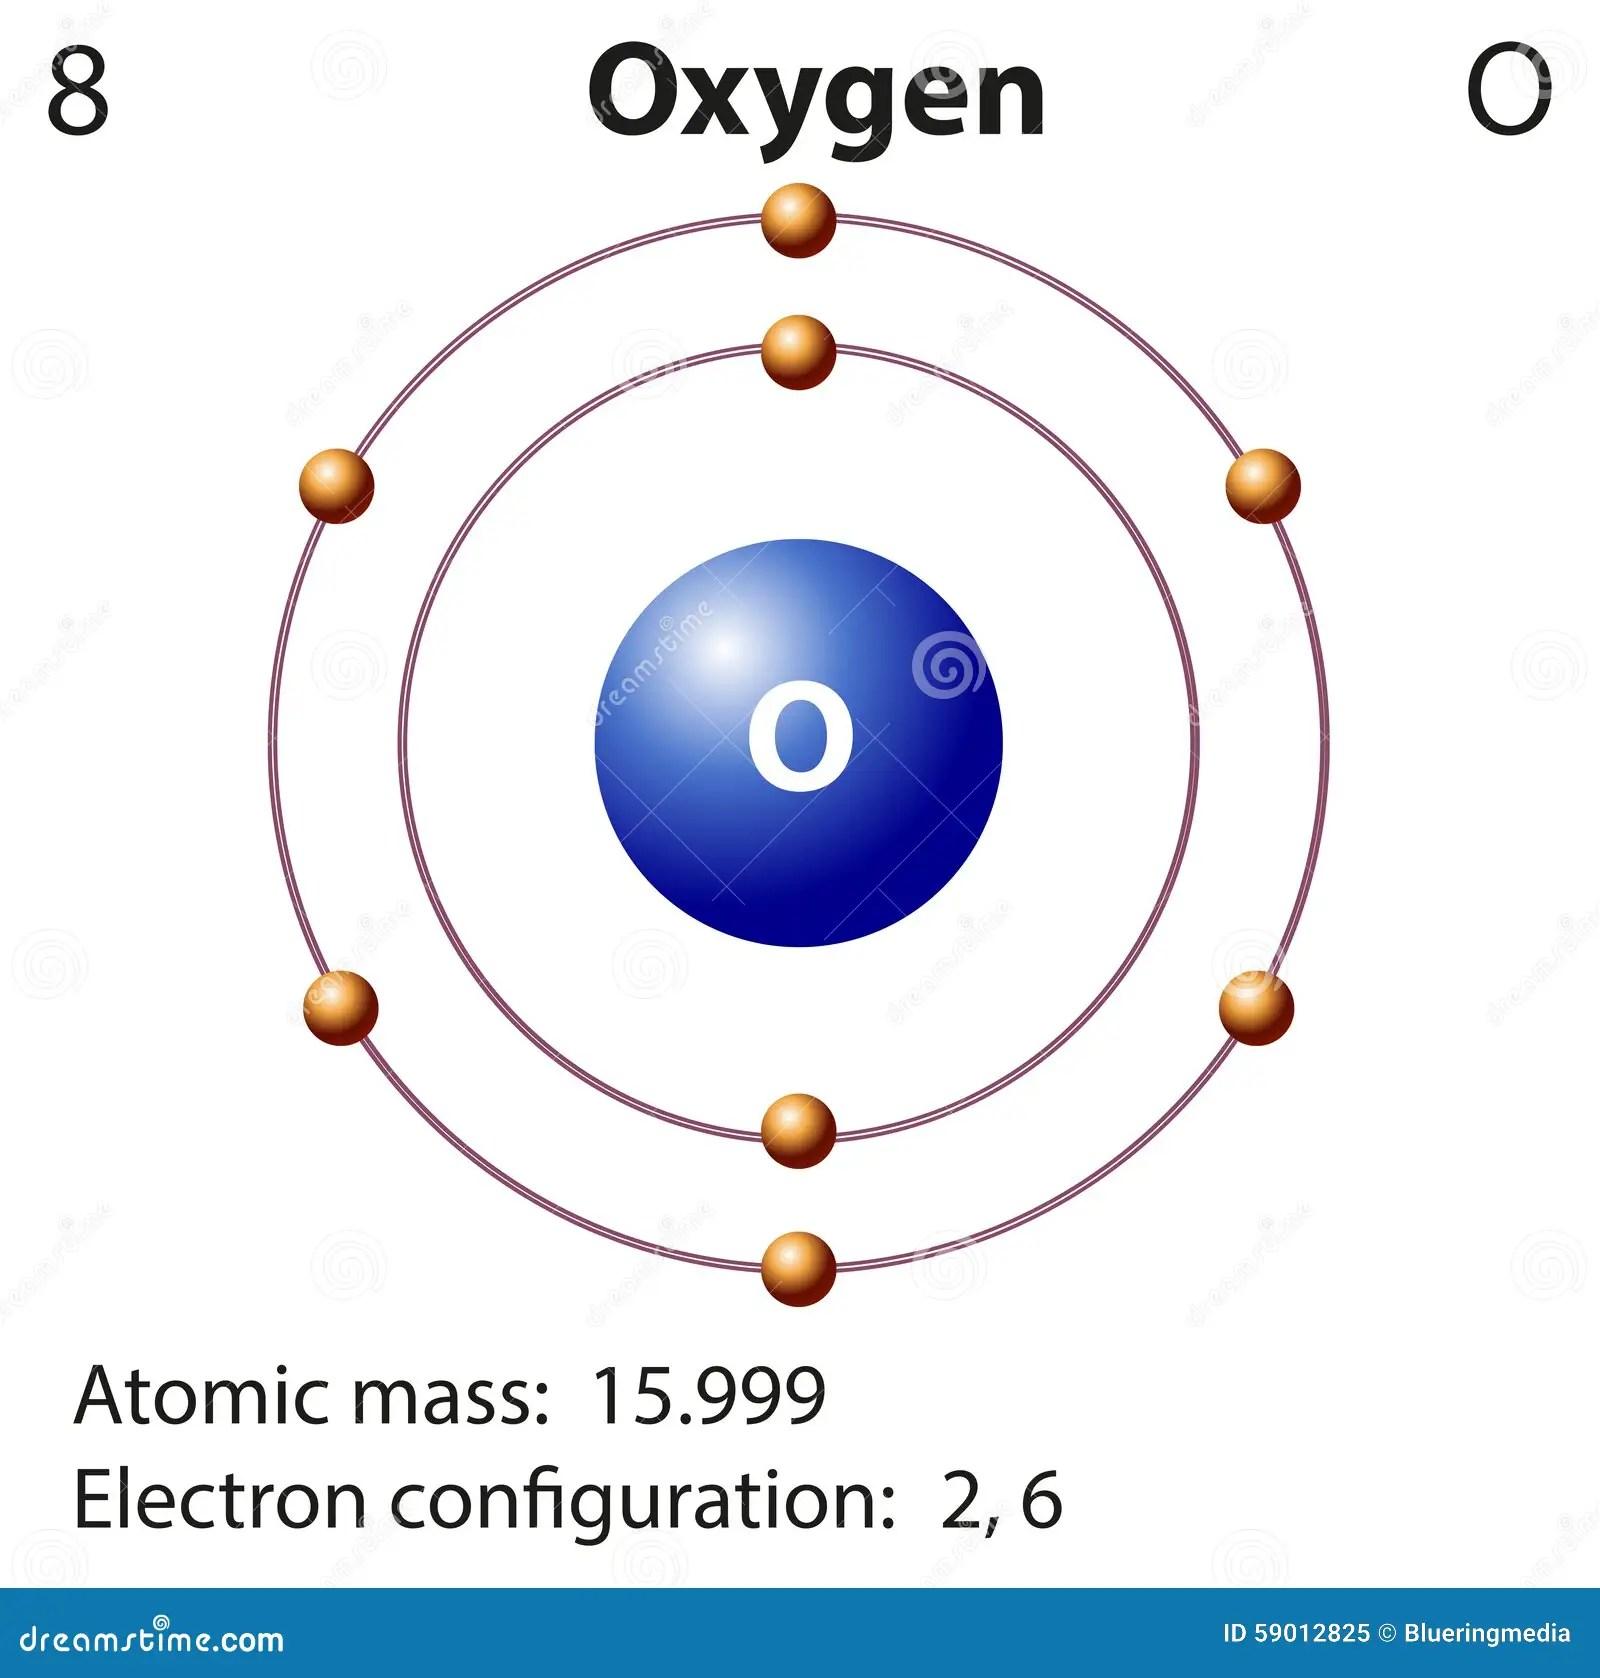 bohr diagram of oxygen mazda 6 wiring 2006 representación del diagrama oxígeno elemento